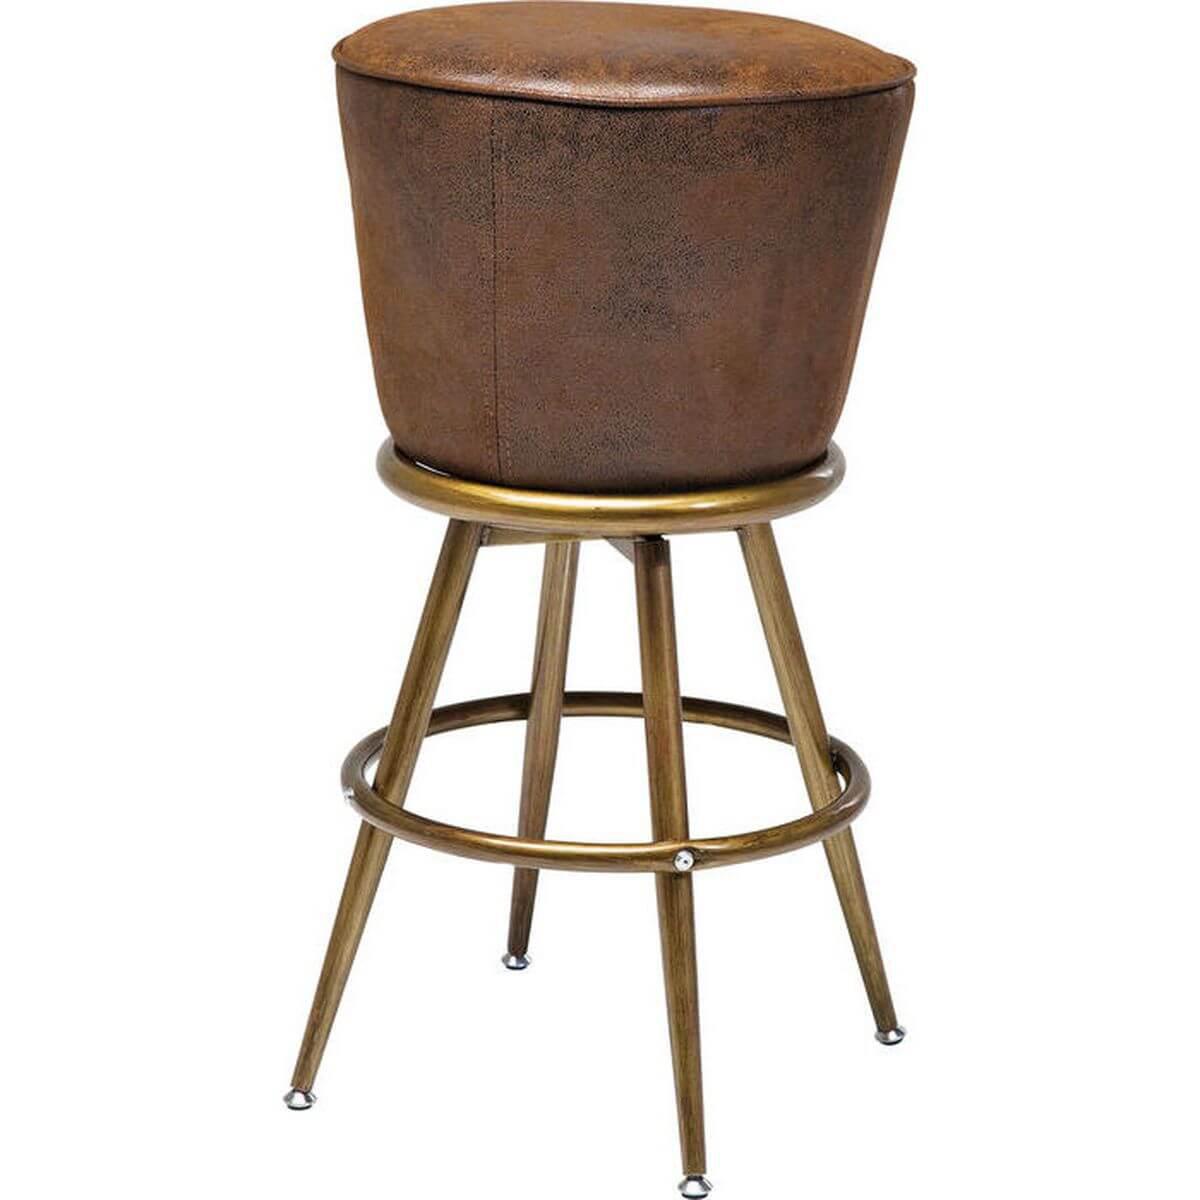 Tabouret bar LADY ROCK Kare Design vintage